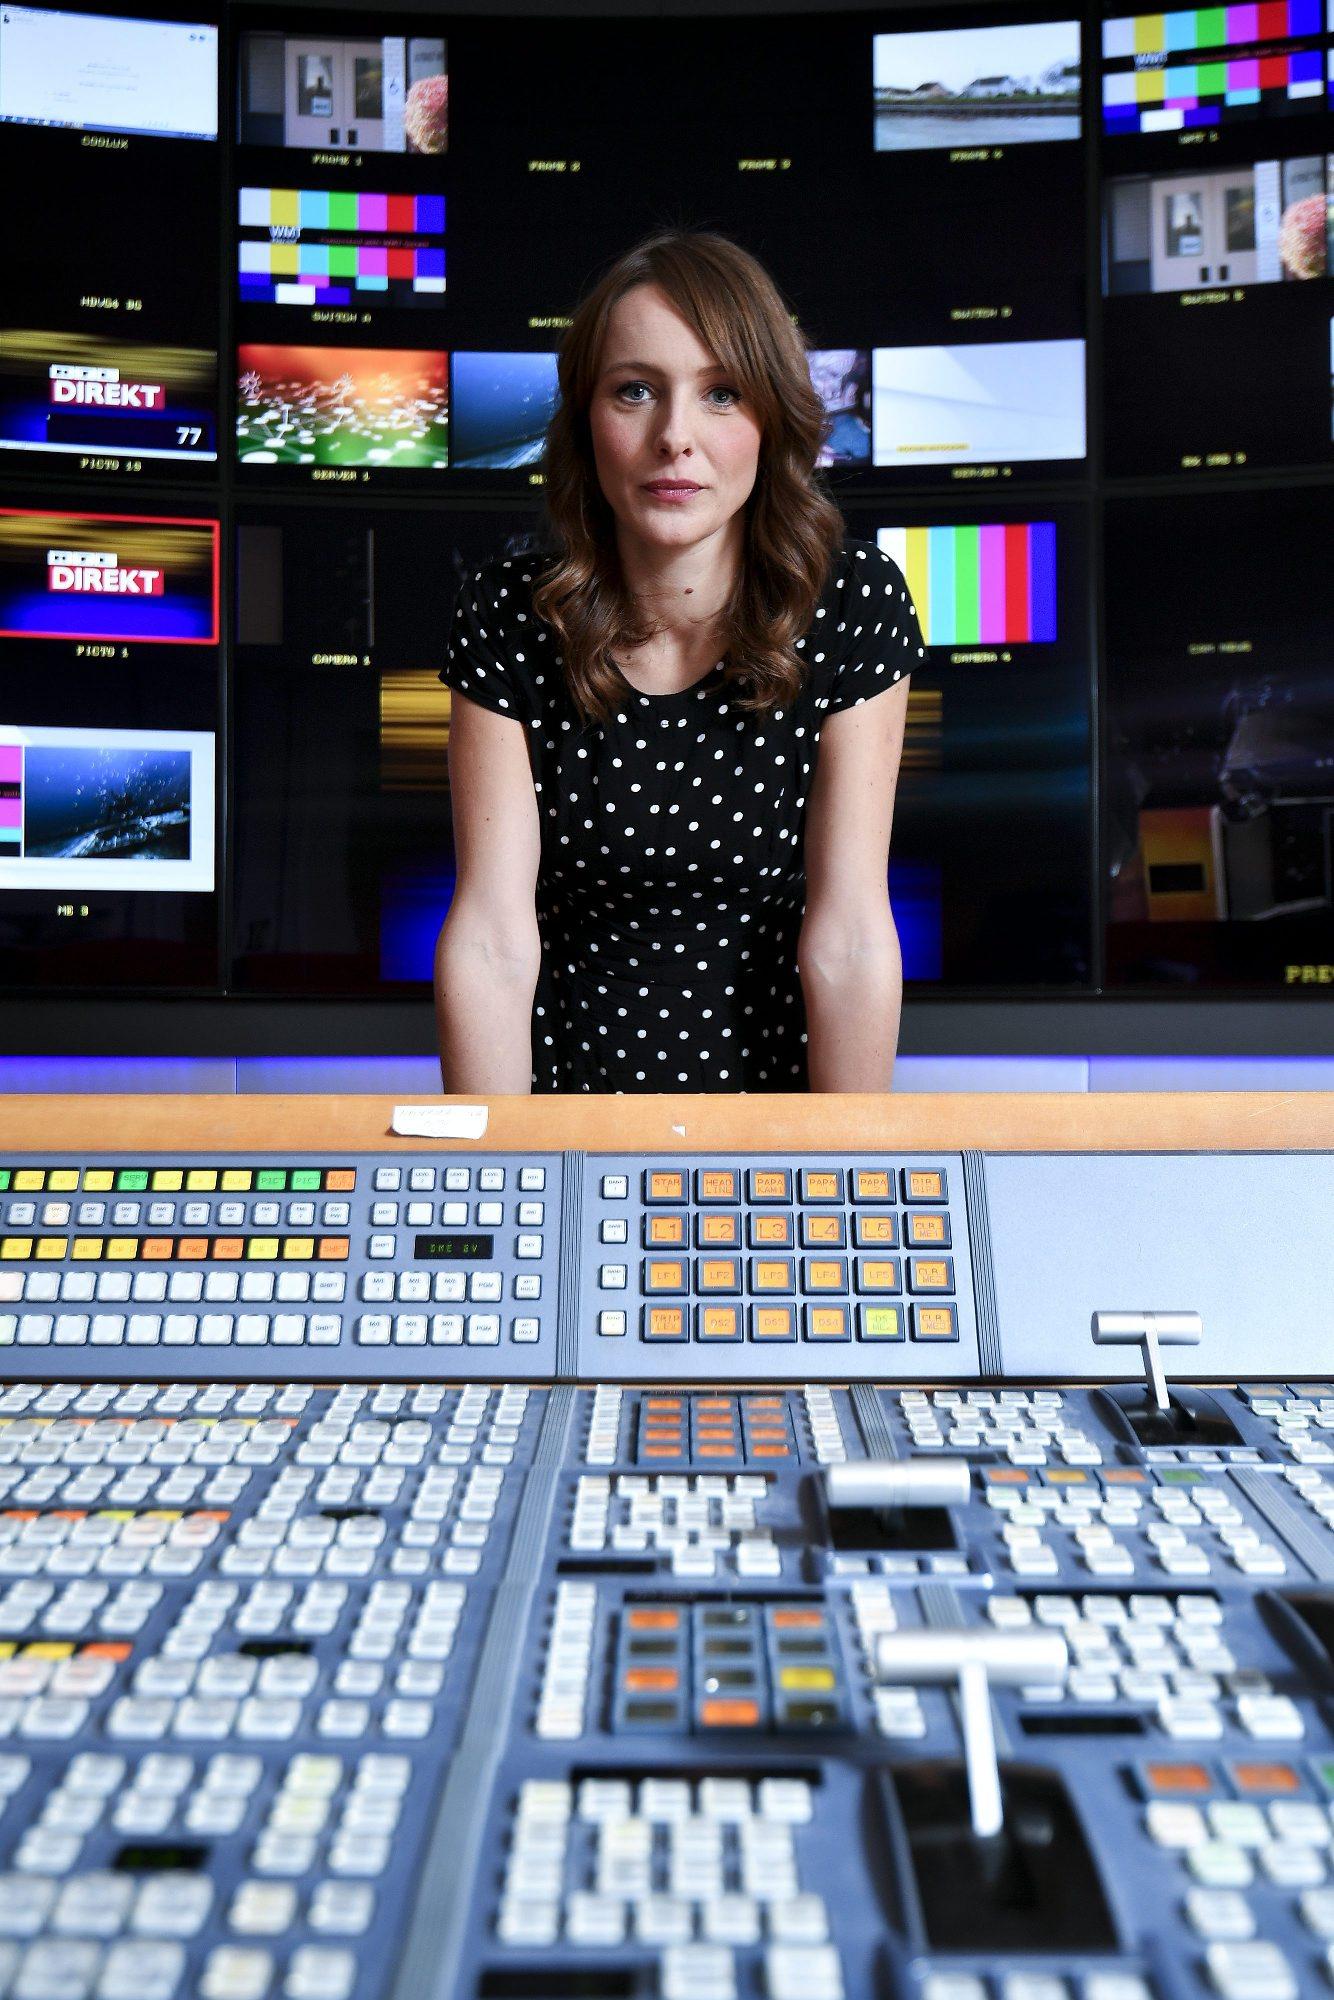 Zagreb, 081116. Mojmira Pastorcic, urednica emisije RTL Direkt, fotografirana u prostorima RTL televizije. Foto: Boris Kovacev / CROPIX